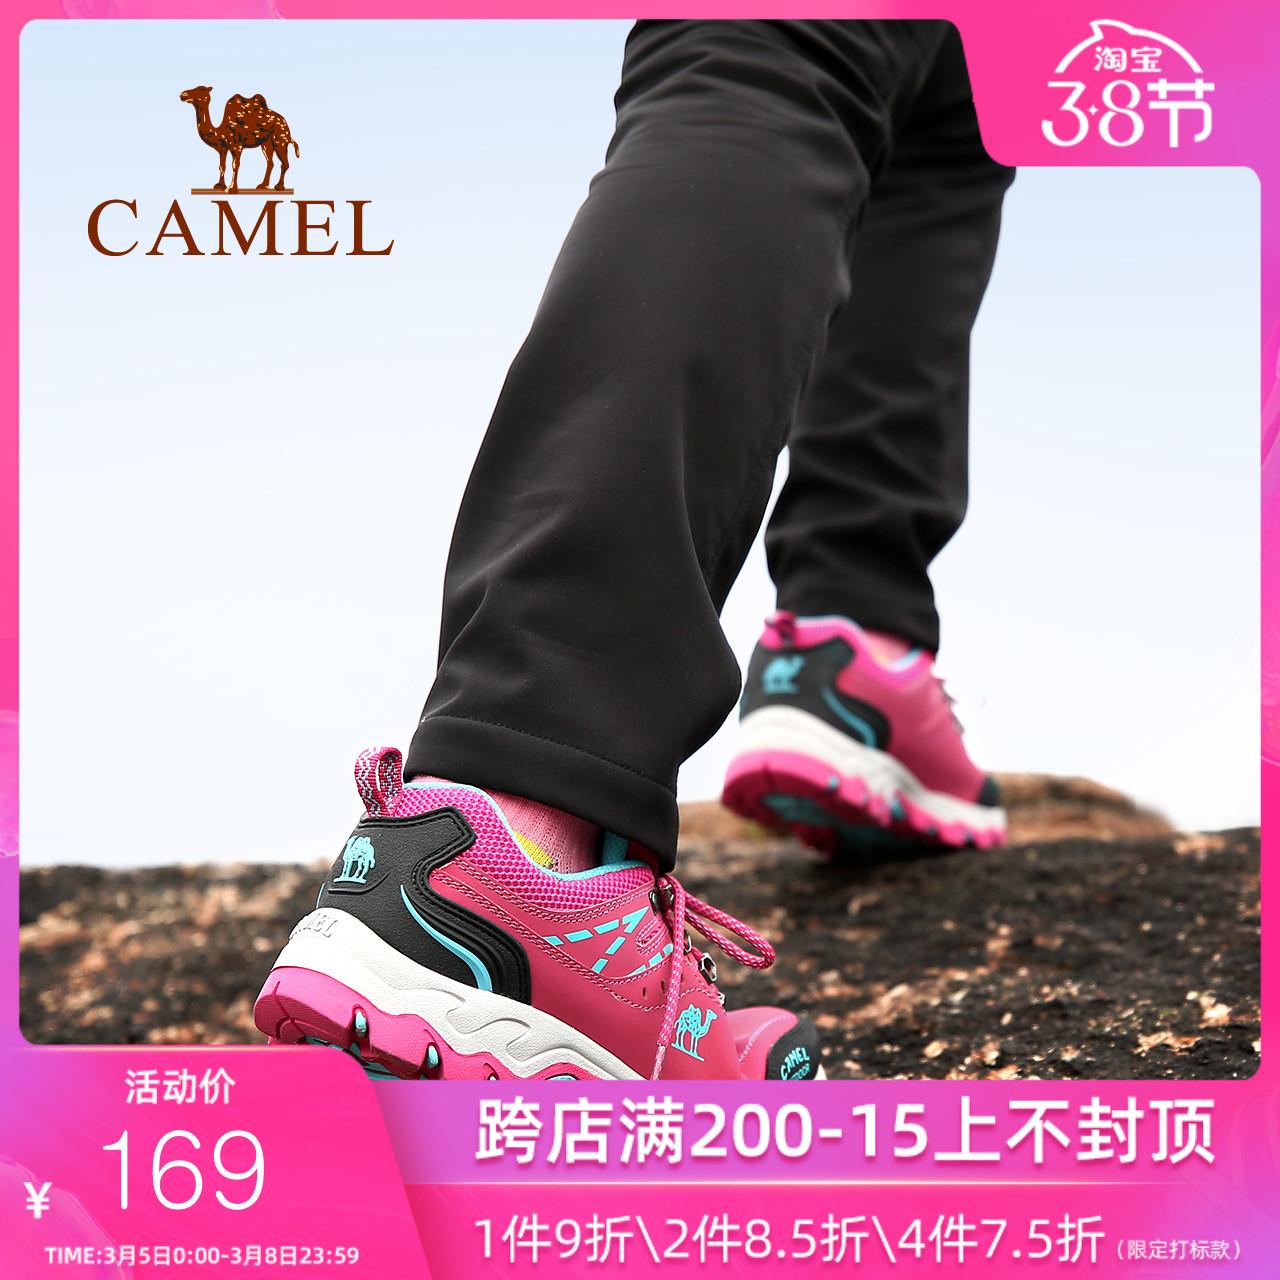 骆驼户外男女徒步鞋工装鞋男鞋情侣休闲耐磨防滑徒步鞋女鞋登山鞋